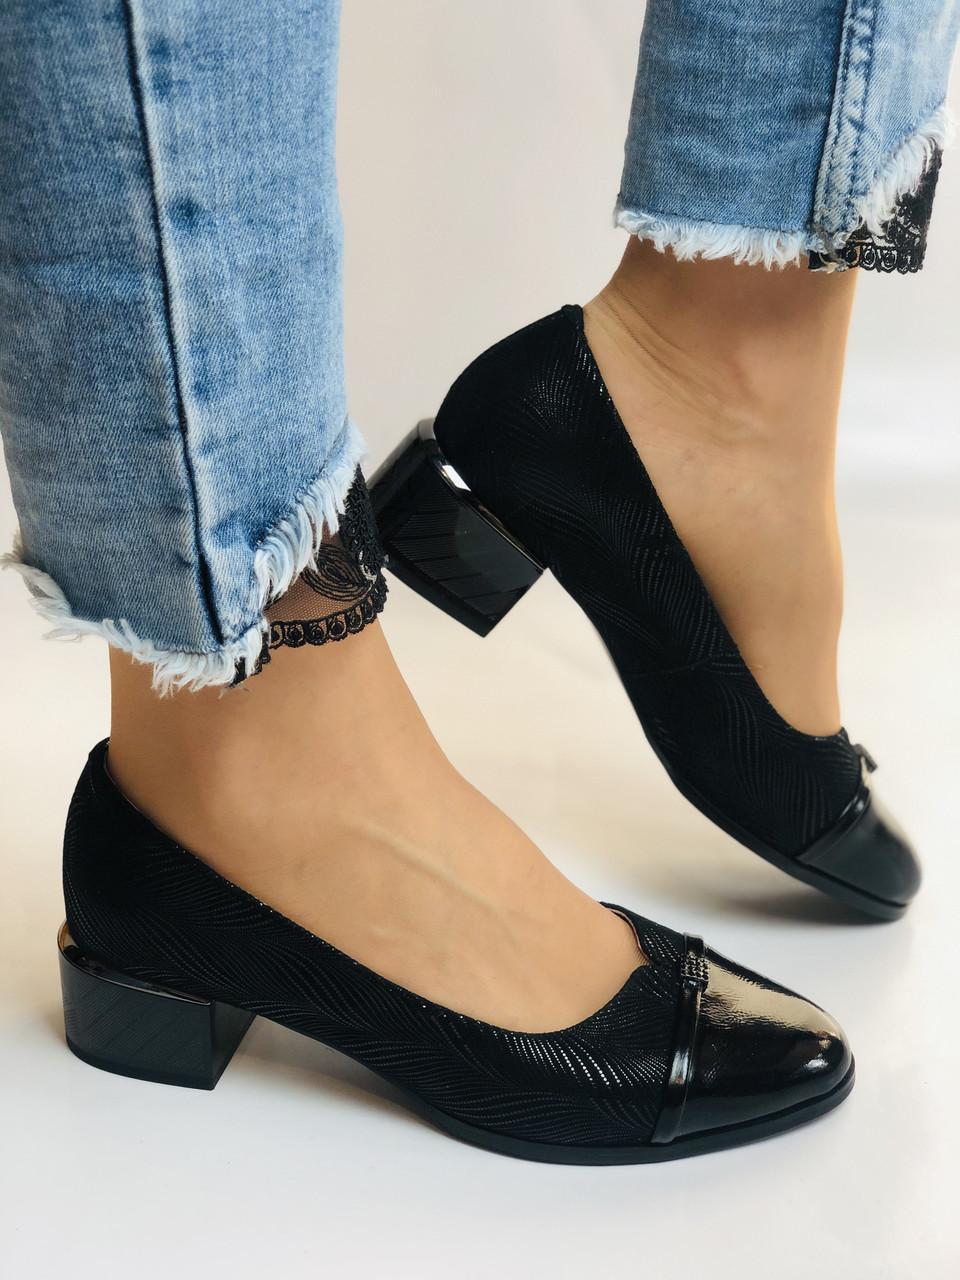 Molka. Женские модельные туфли-лодочки из натуральной кожи. Размер 35 36 37 38 39 40